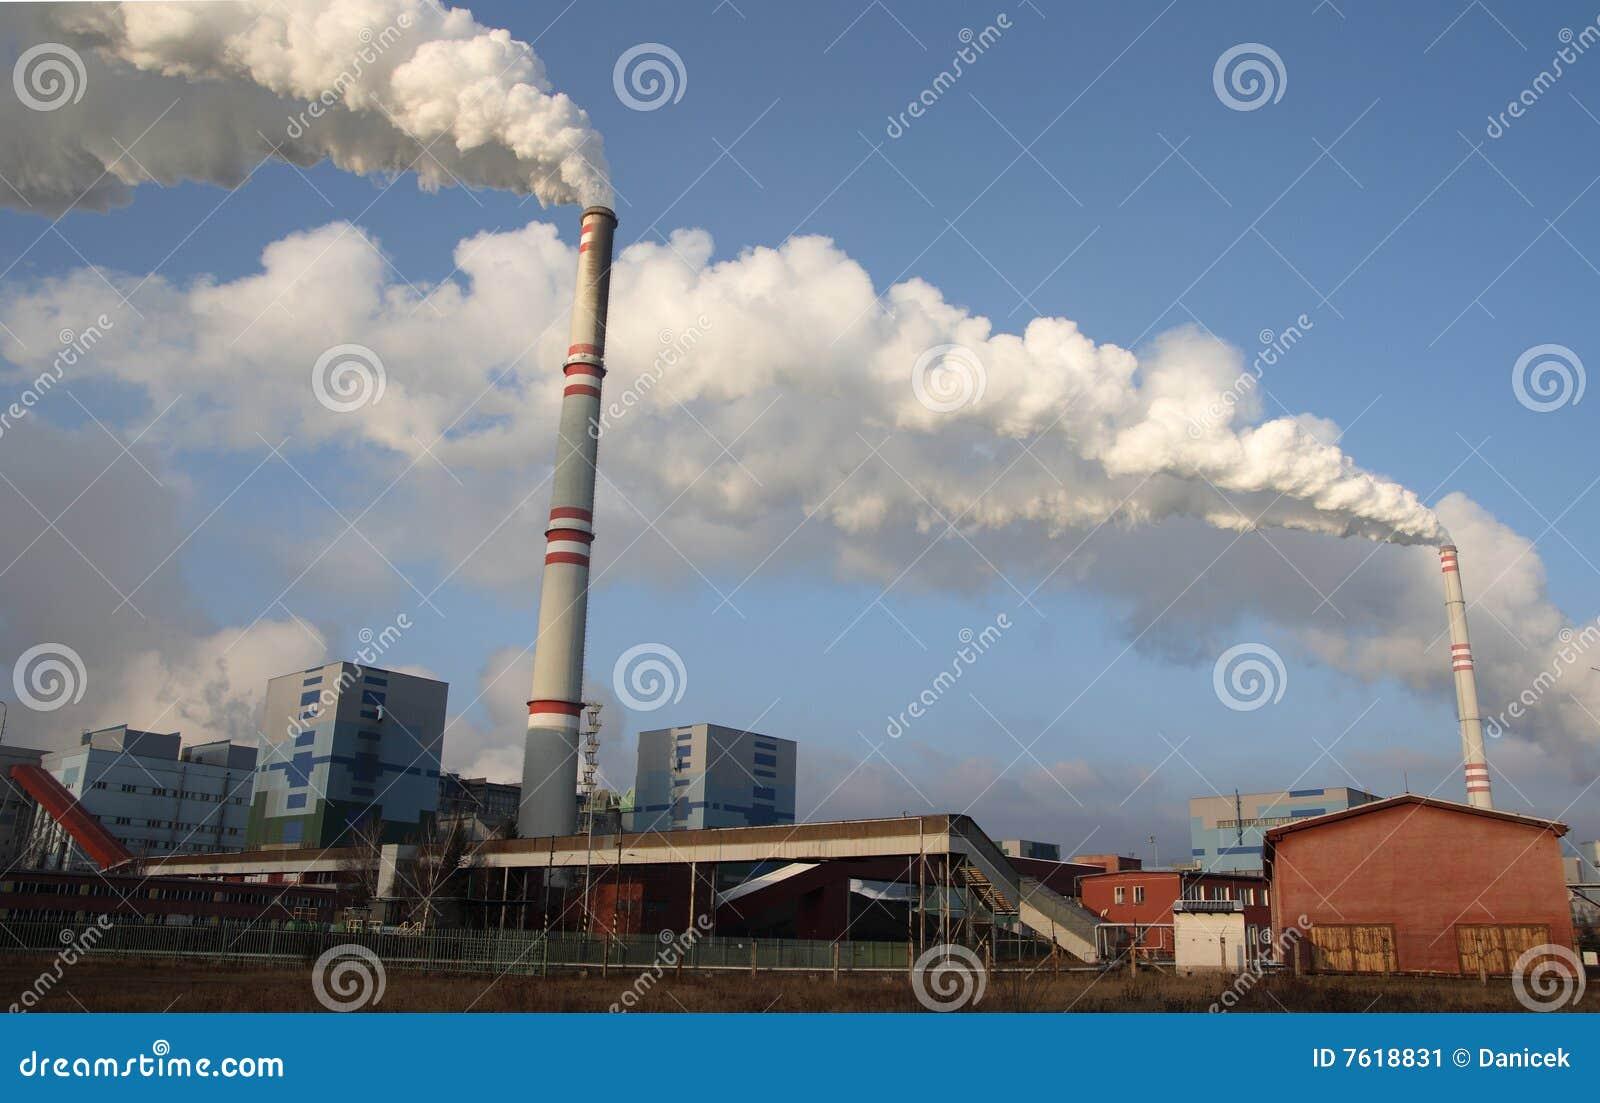 采煤工厂次幂